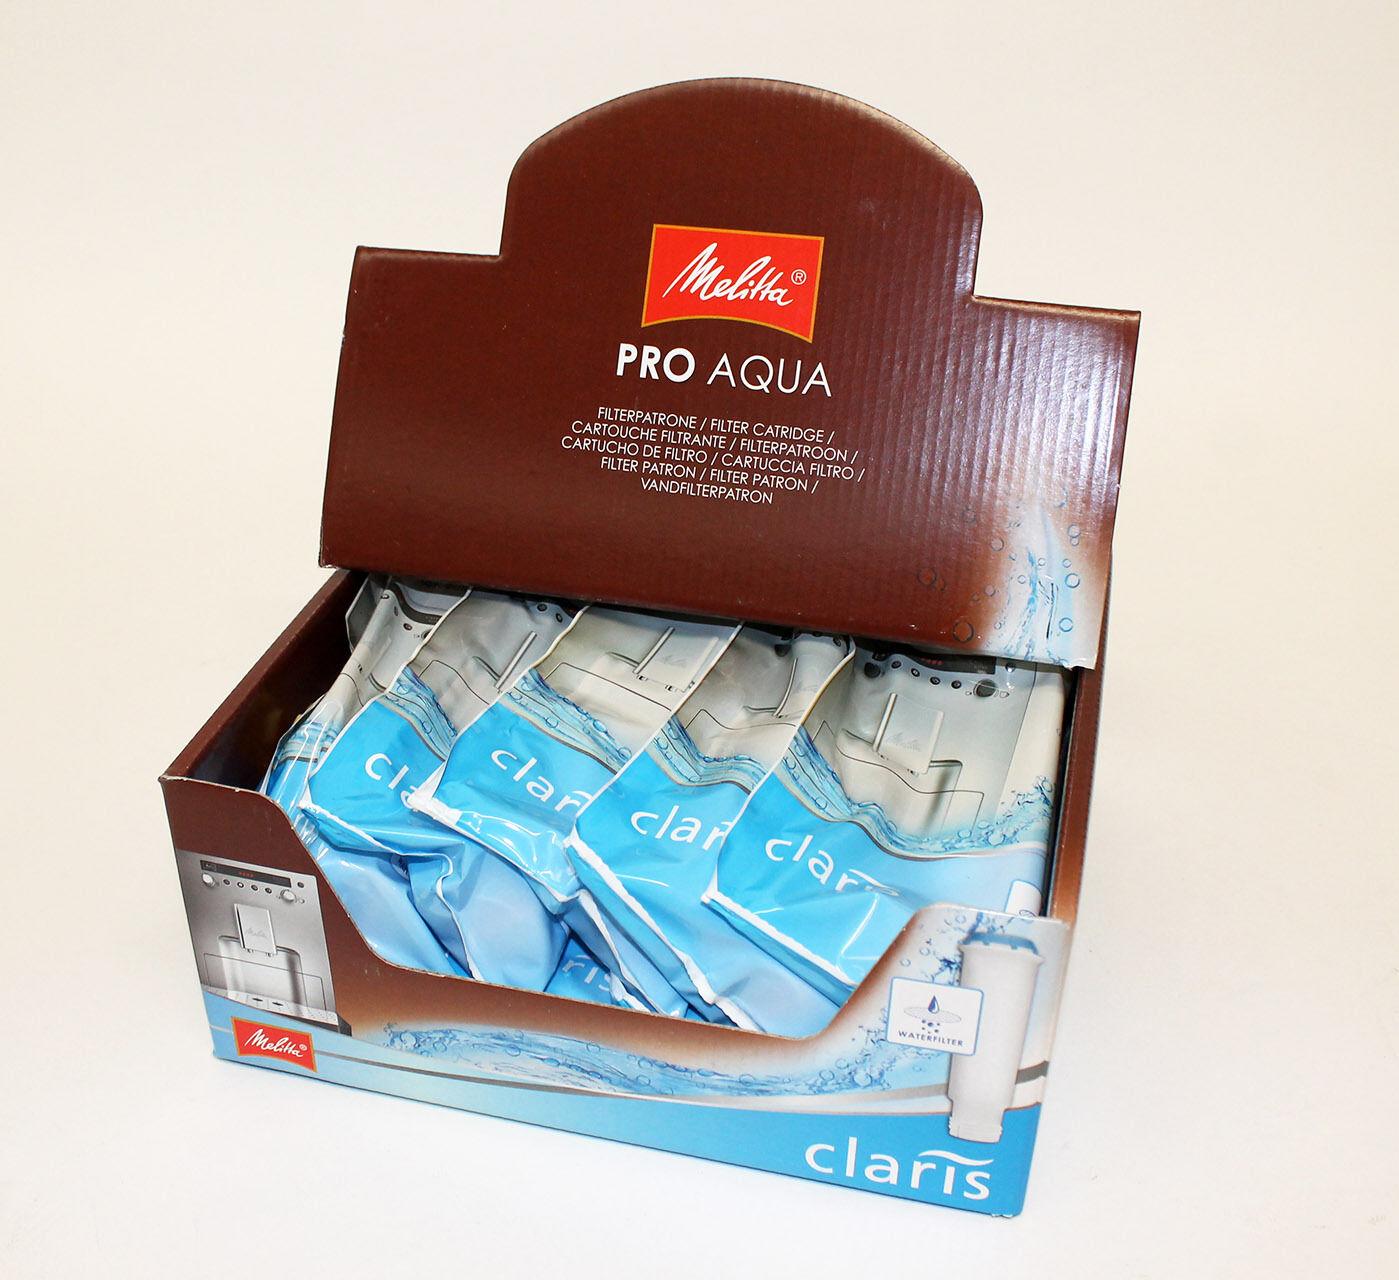 10 X Melitta Caffeo Pro Aqua Claris CARTOUCHES Filtre Eau en Vrac Achat